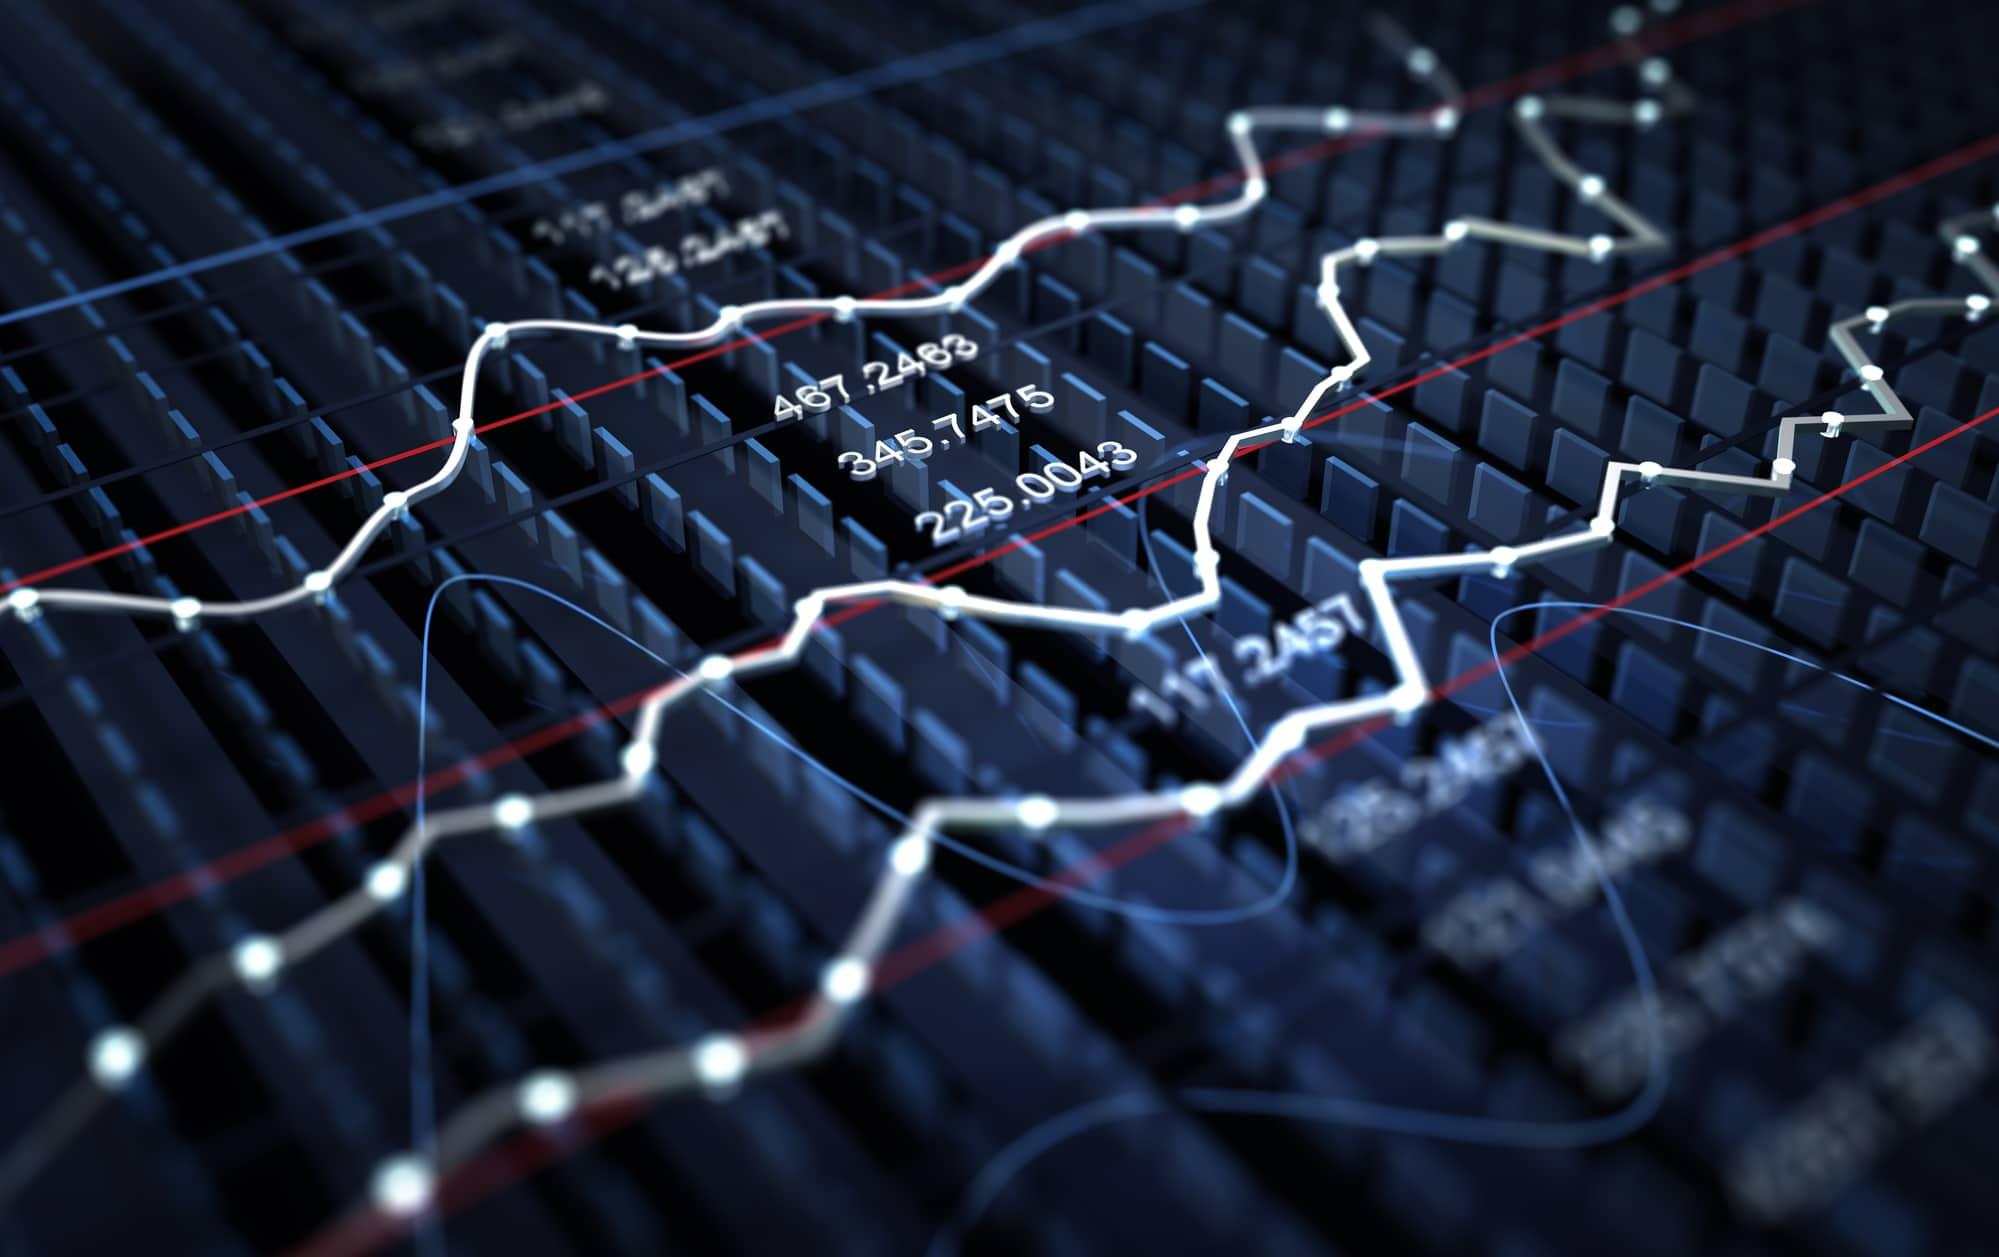 Эксперт: из-за падения цен на нефть и скачка доллара инфляция будет выше целевого уровня в 4%